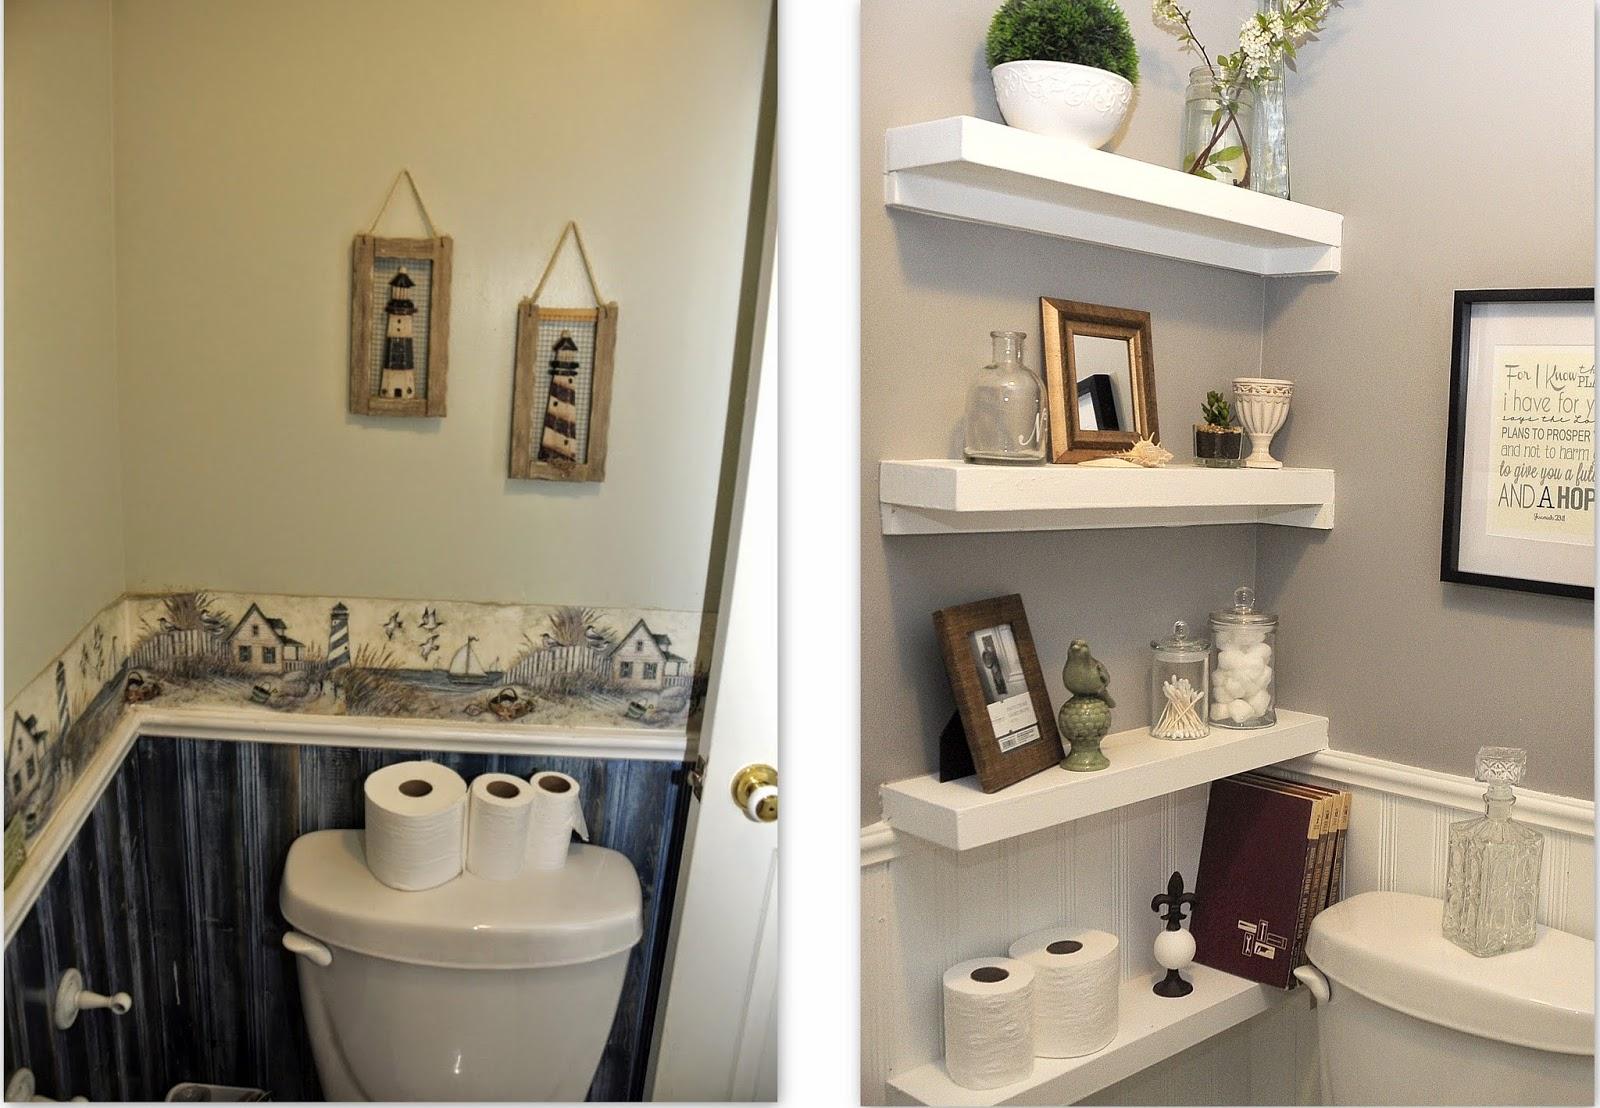 la joie d 39 apprendre salle de bain avant apr s une graduation et des voyages. Black Bedroom Furniture Sets. Home Design Ideas